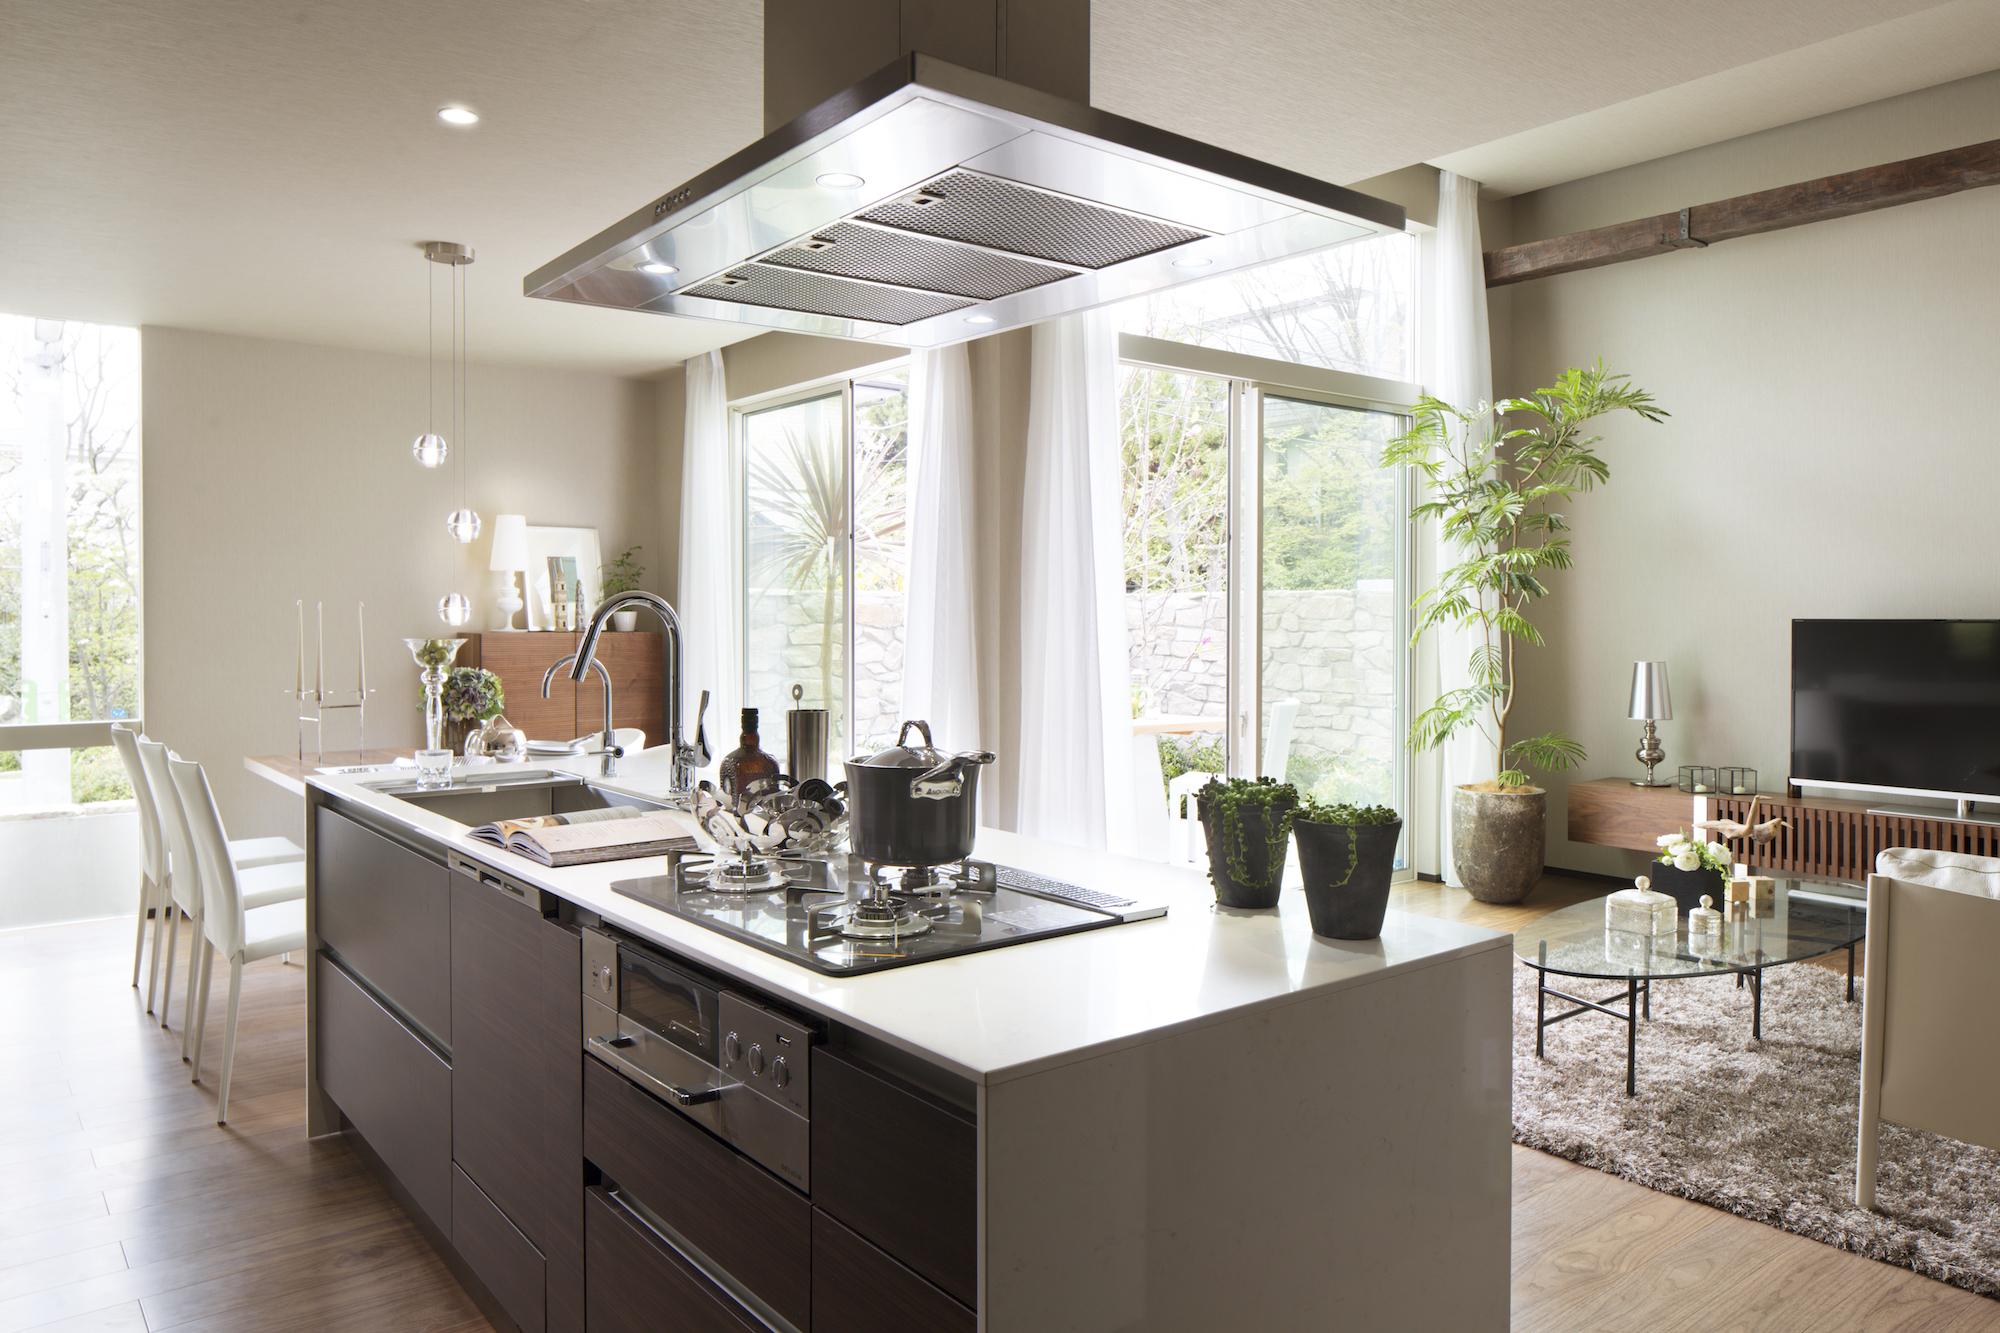 シーザーストーン(水晶)のキッチン天板とステンレスレンジフード イメージ